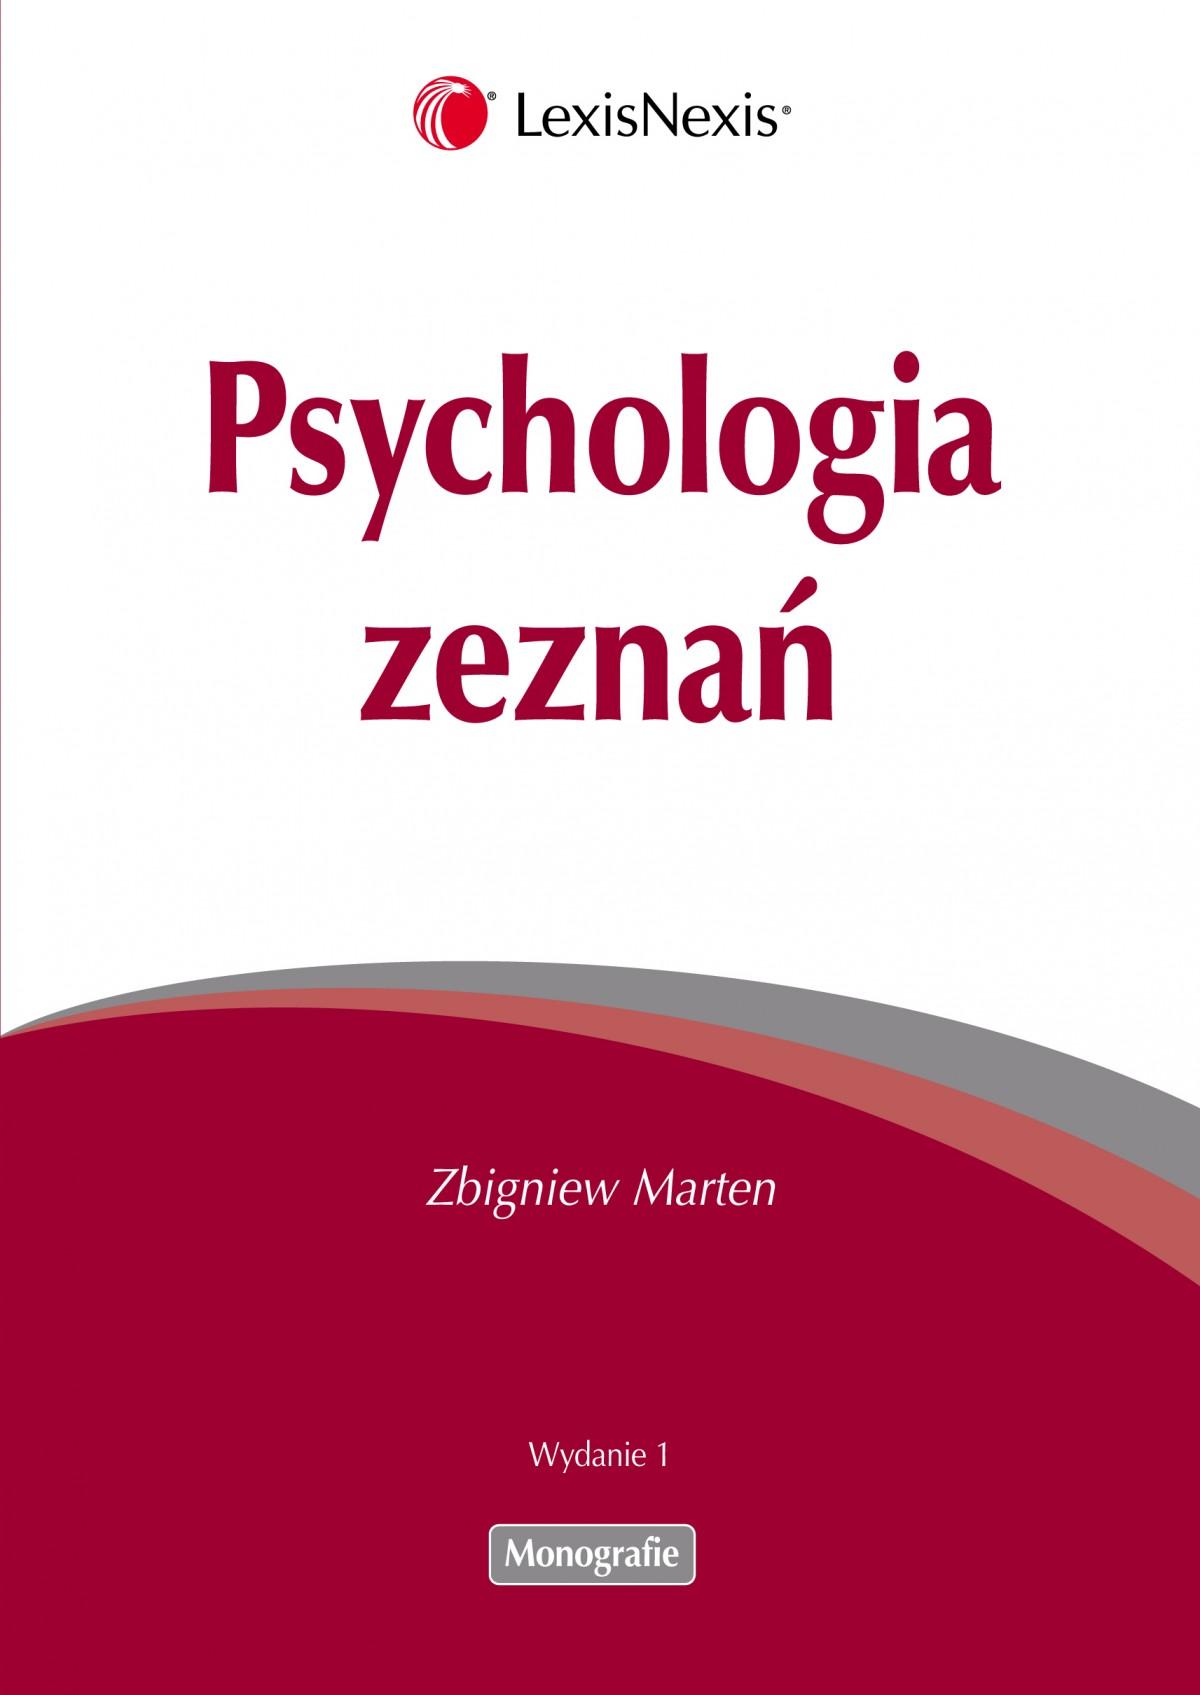 Psychologia zeznań - Ebook (Książka PDF) do pobrania w formacie PDF